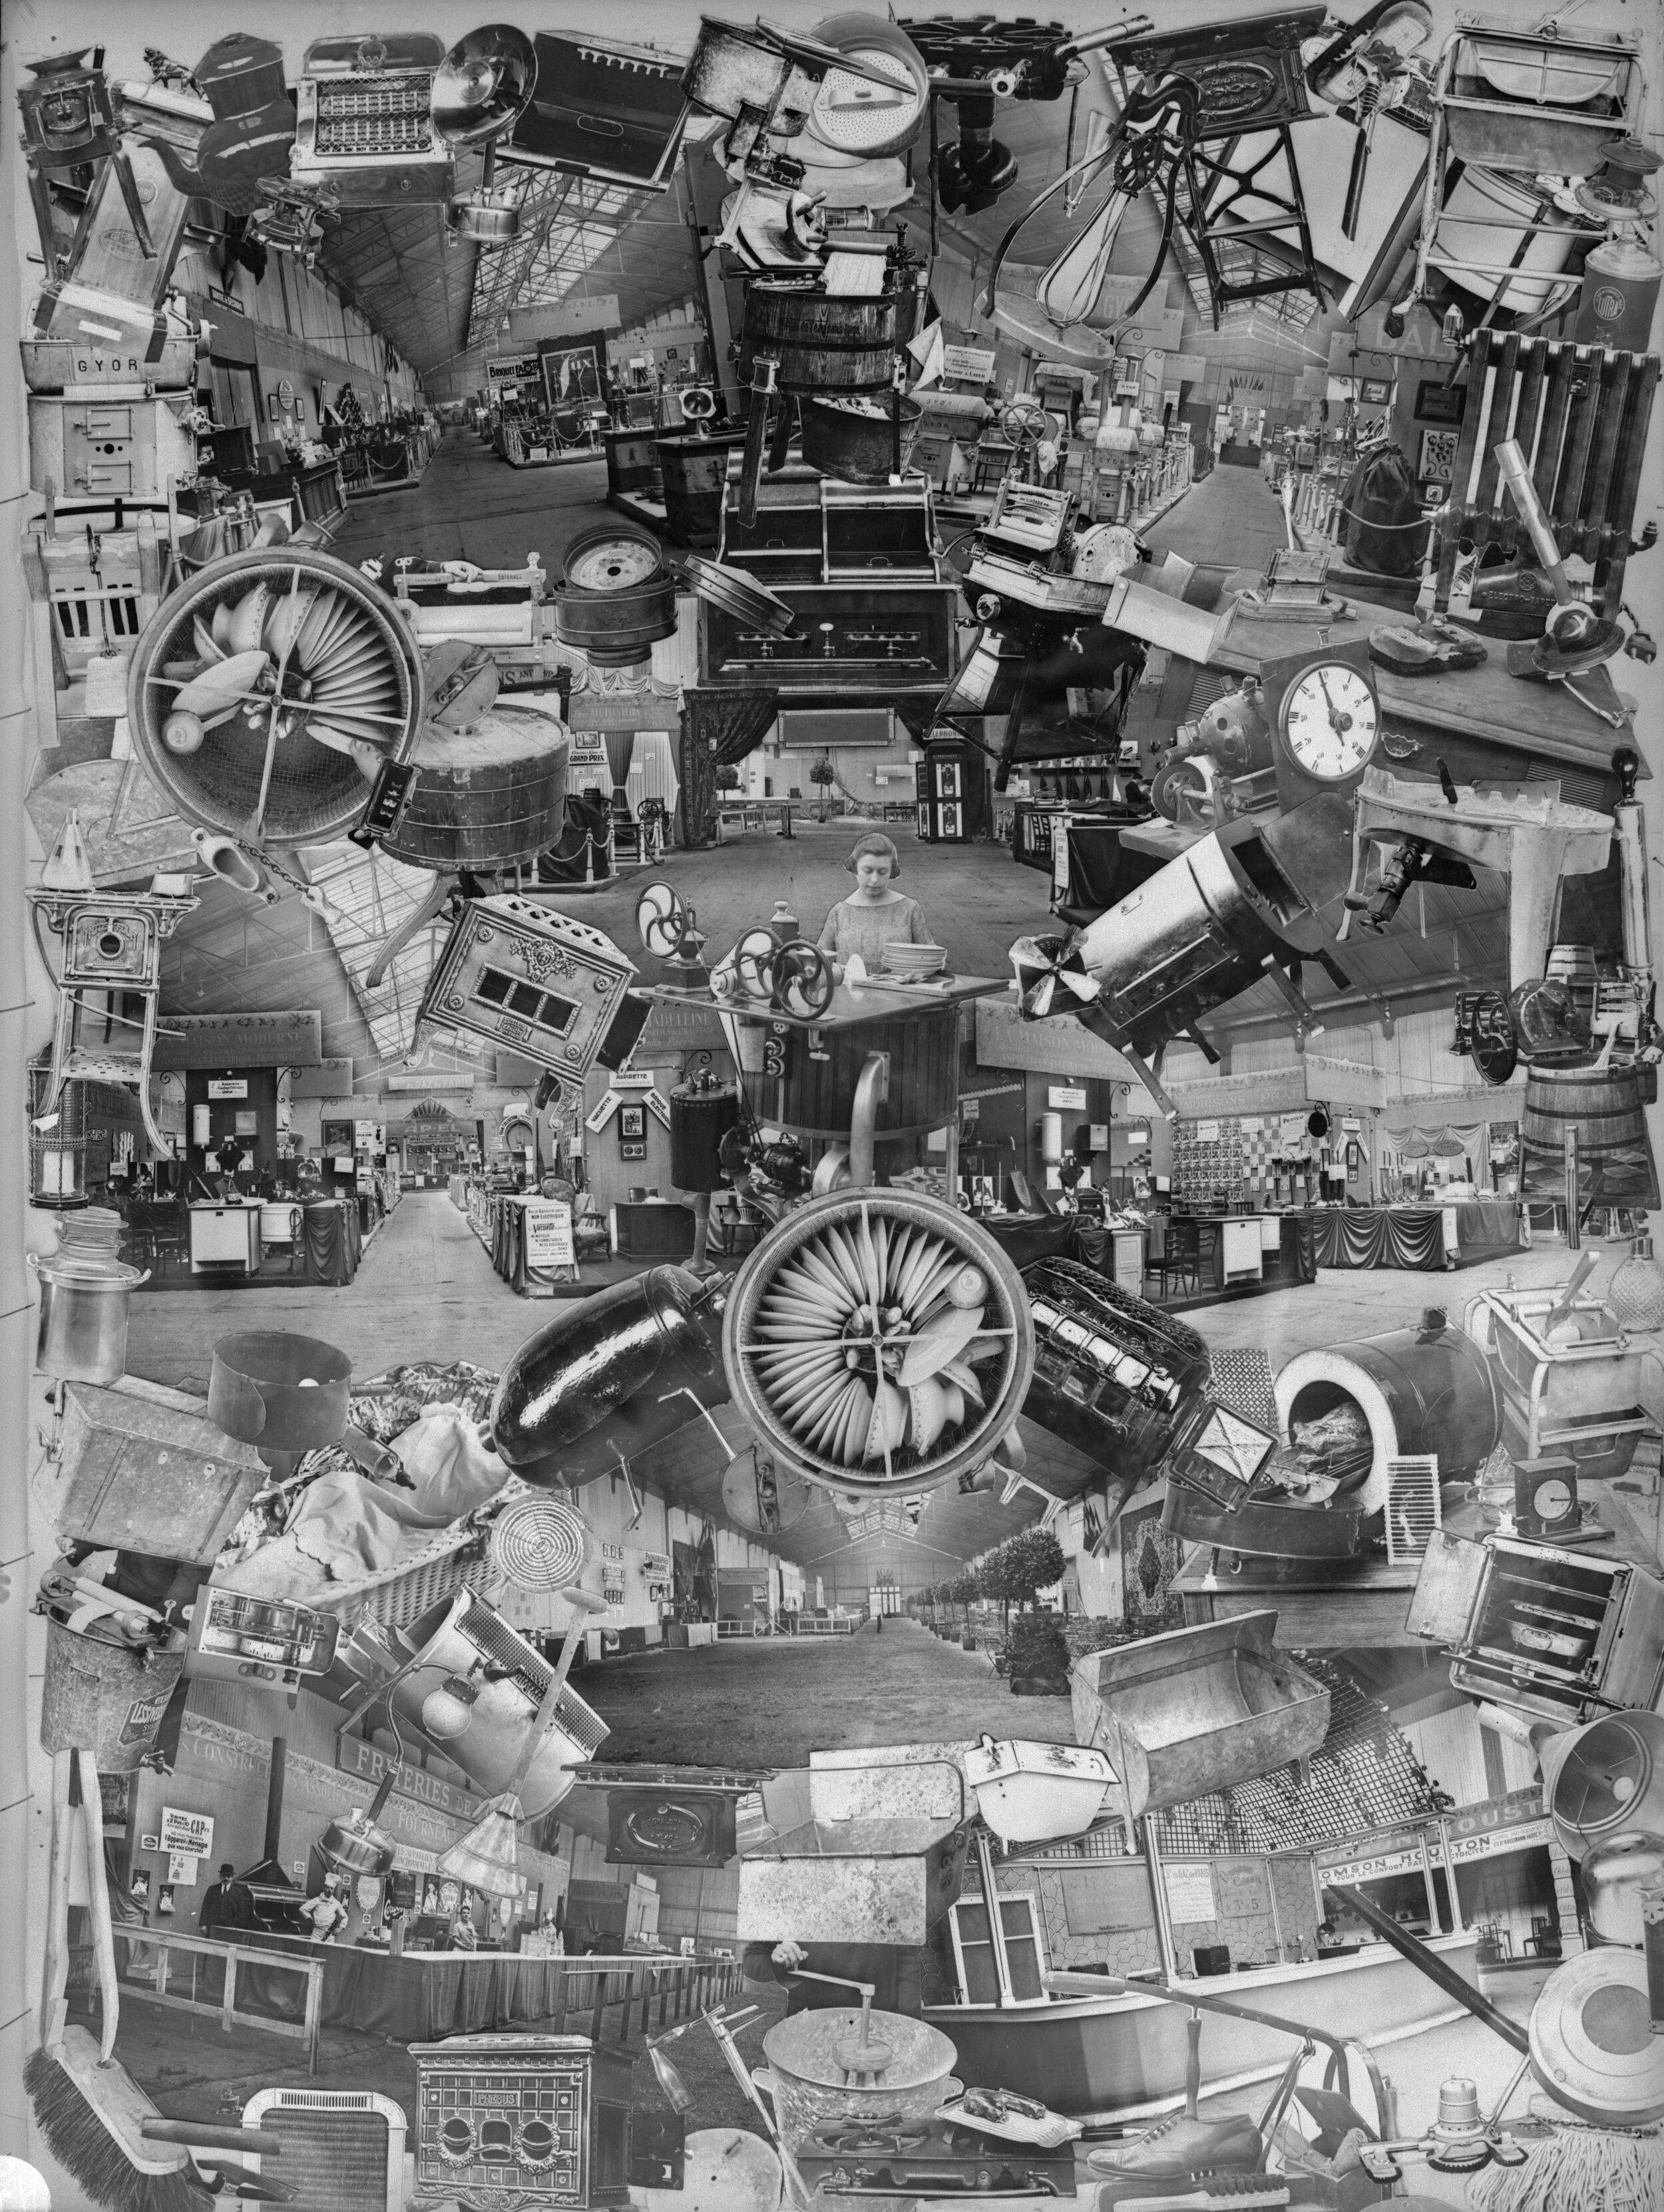 国家科学与工业研发办事处,于勒-路易斯·布雷顿的拼贴照片(家用电器),1923年12月4日。现由法国国家科学研究中心收藏,B_4912。